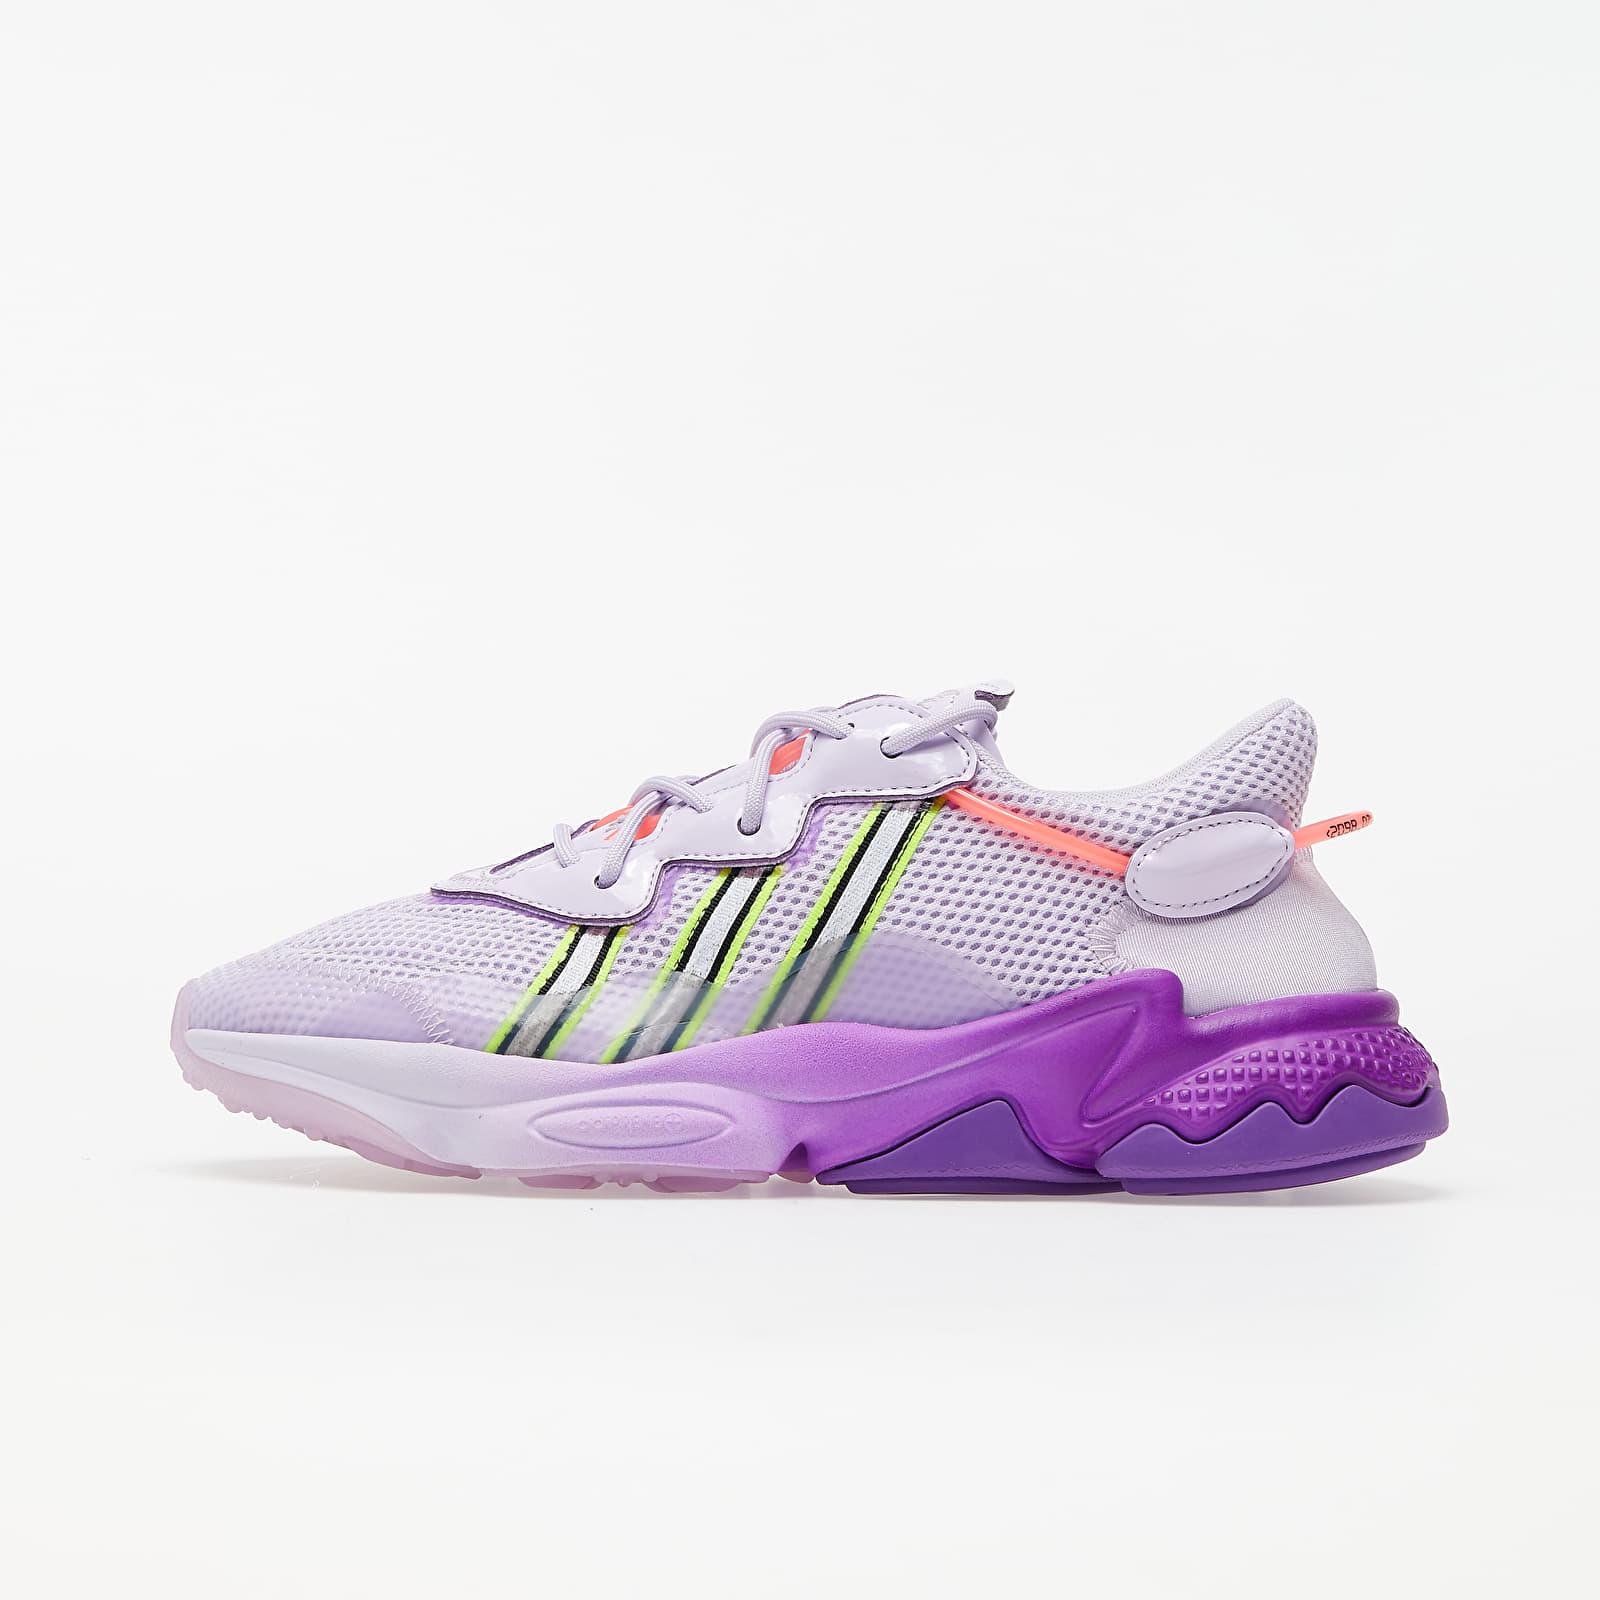 Γυναικεία παπούτσια adidas Ozweego W Blizard Purple/ Ftw White/ Signature Pink